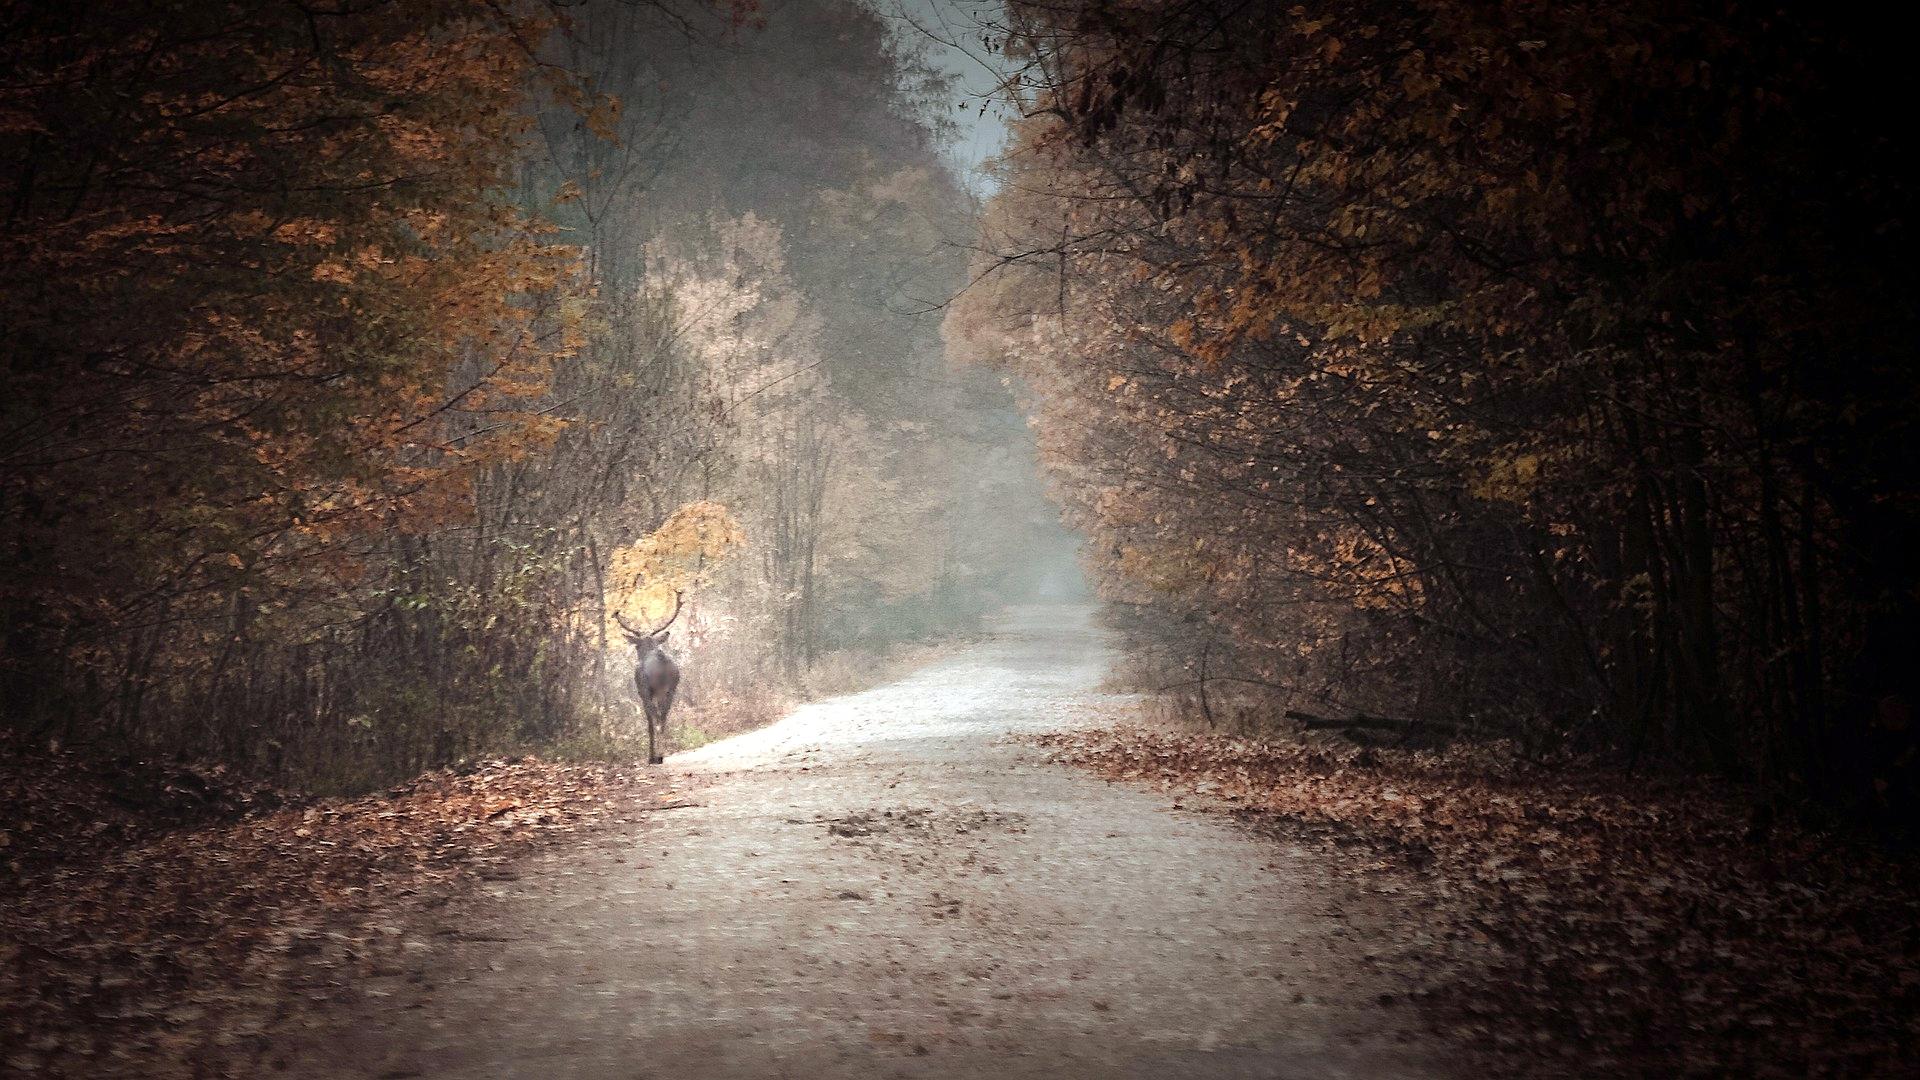 UWAGA! Jadąc w rejonach lasów zwolnijcie. Takie BYKI chodzą po drogach [WIDEO] - Zdjęcie główne